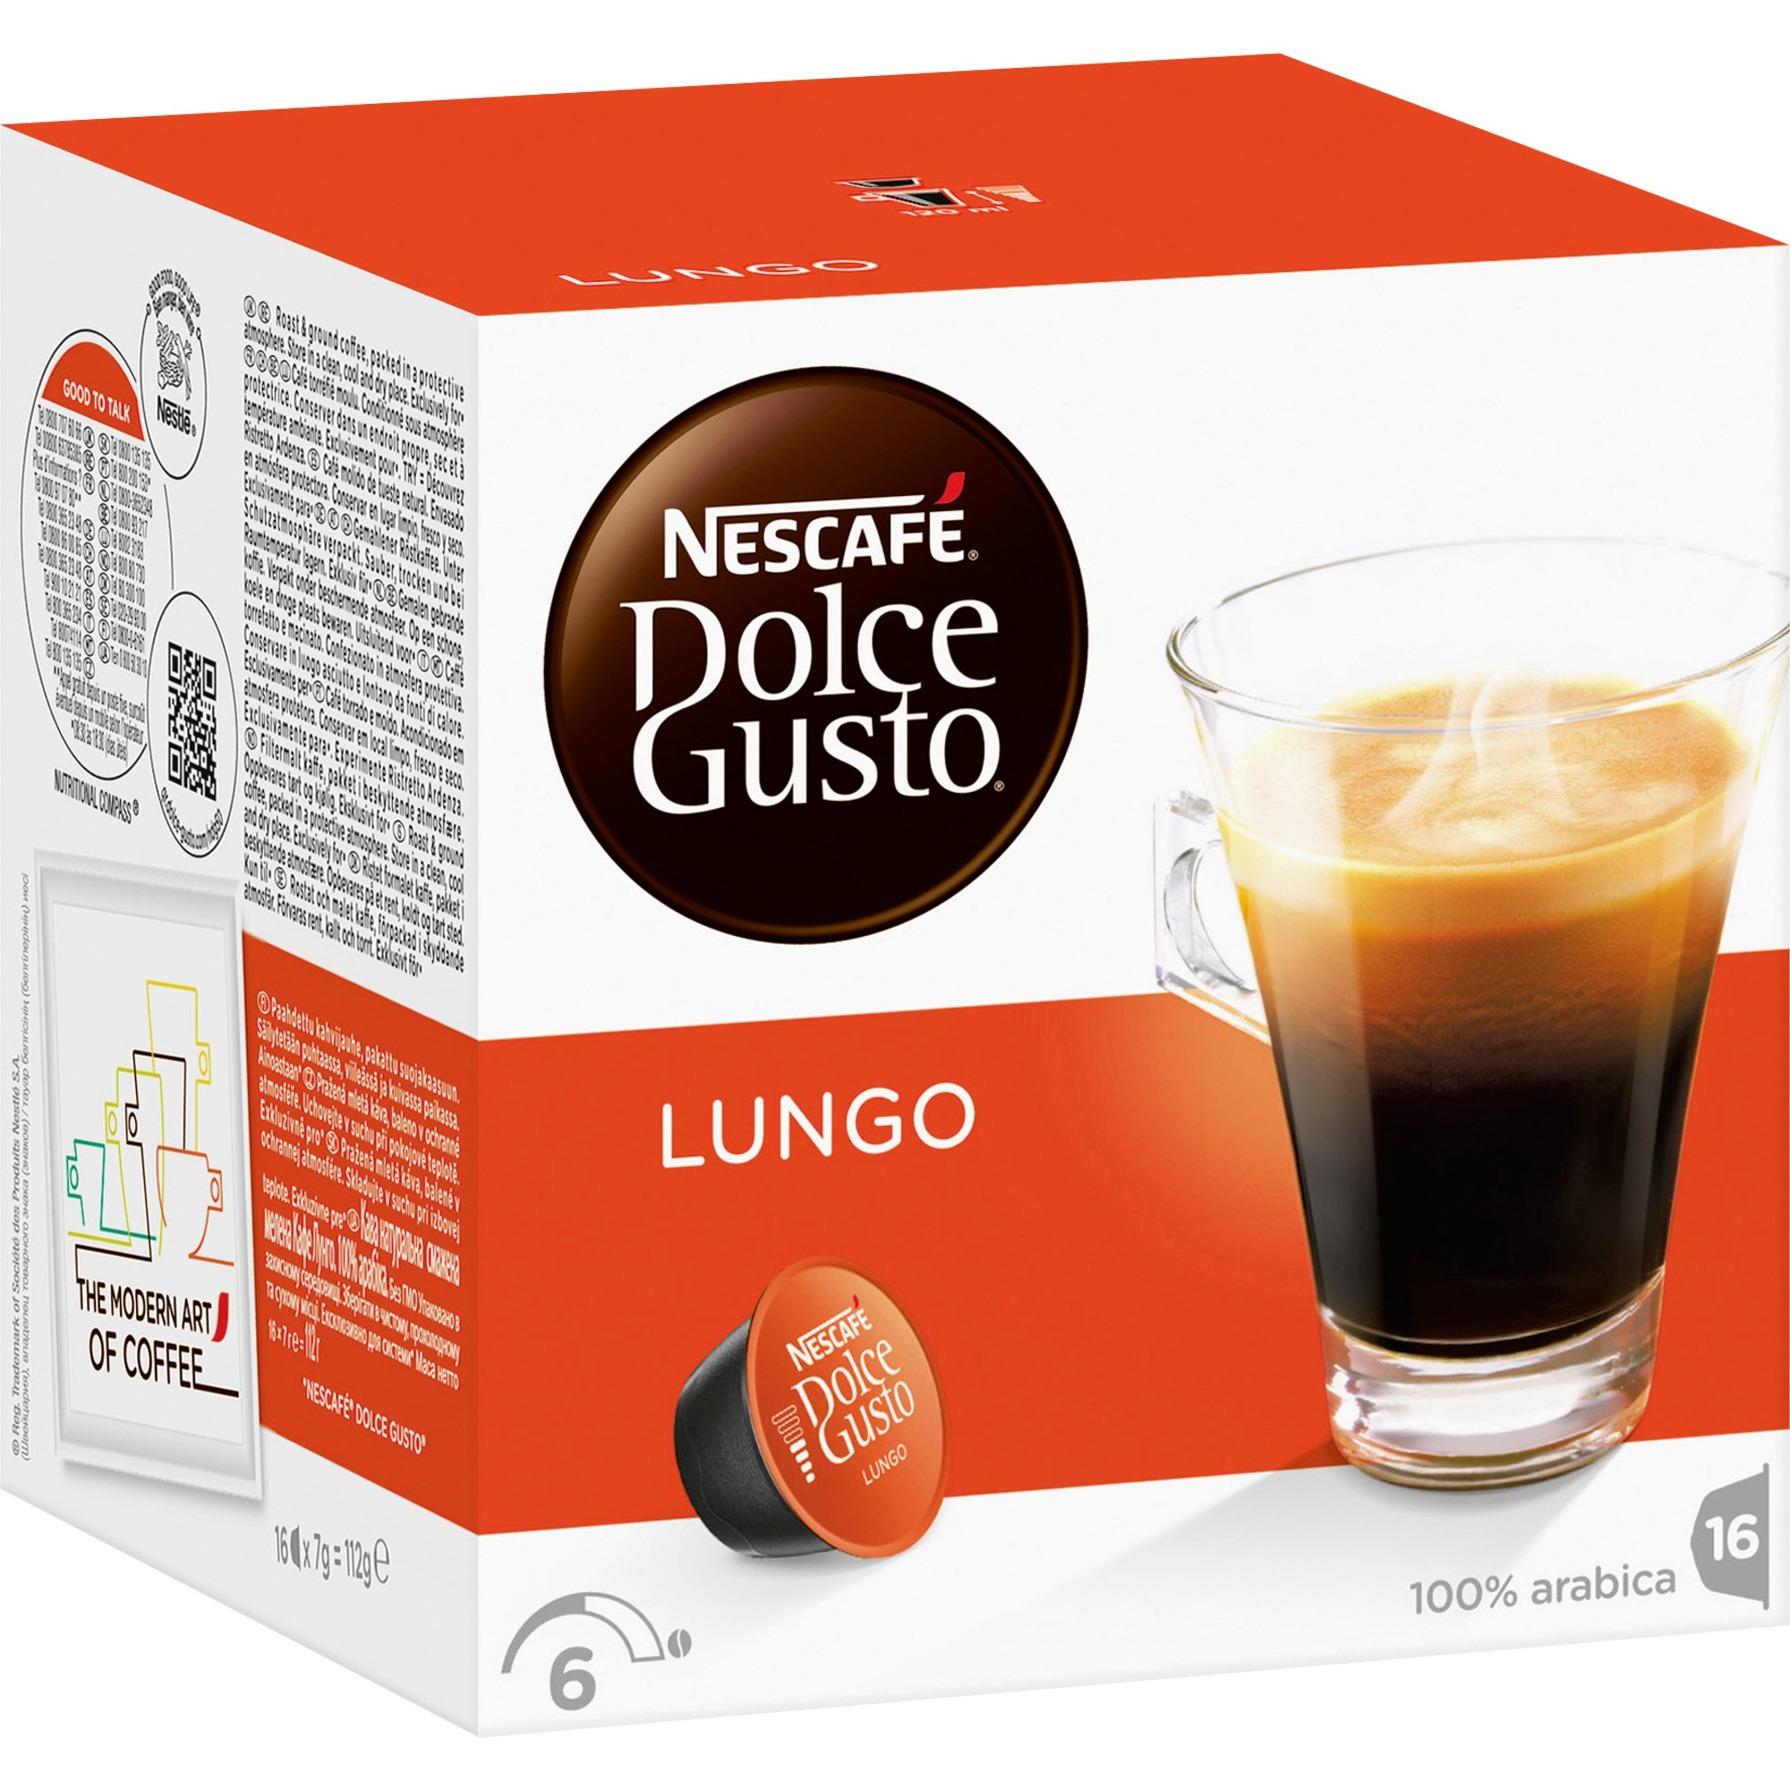 Lungo Cápsula de café 16 pieza(s), Cápsula de bebida